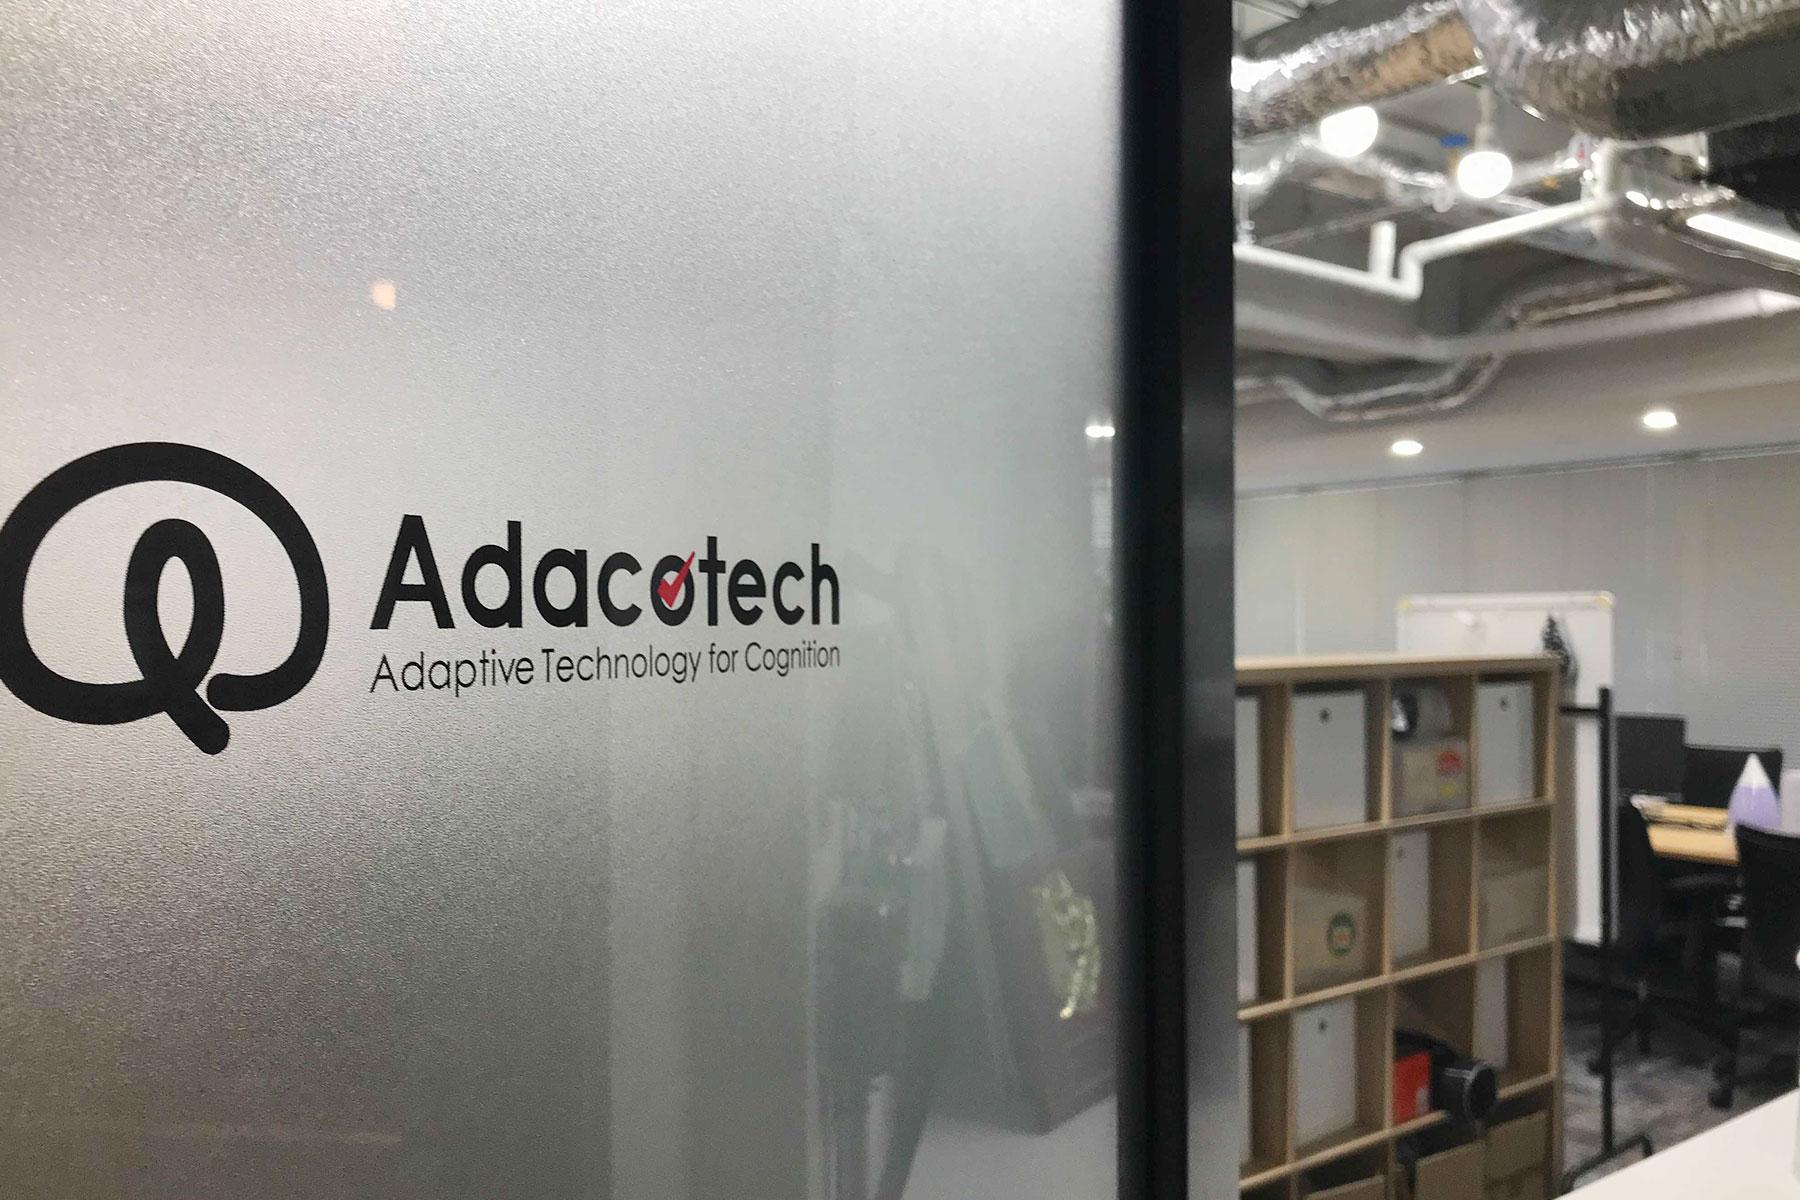 株式会社アダコテックのトップ画像